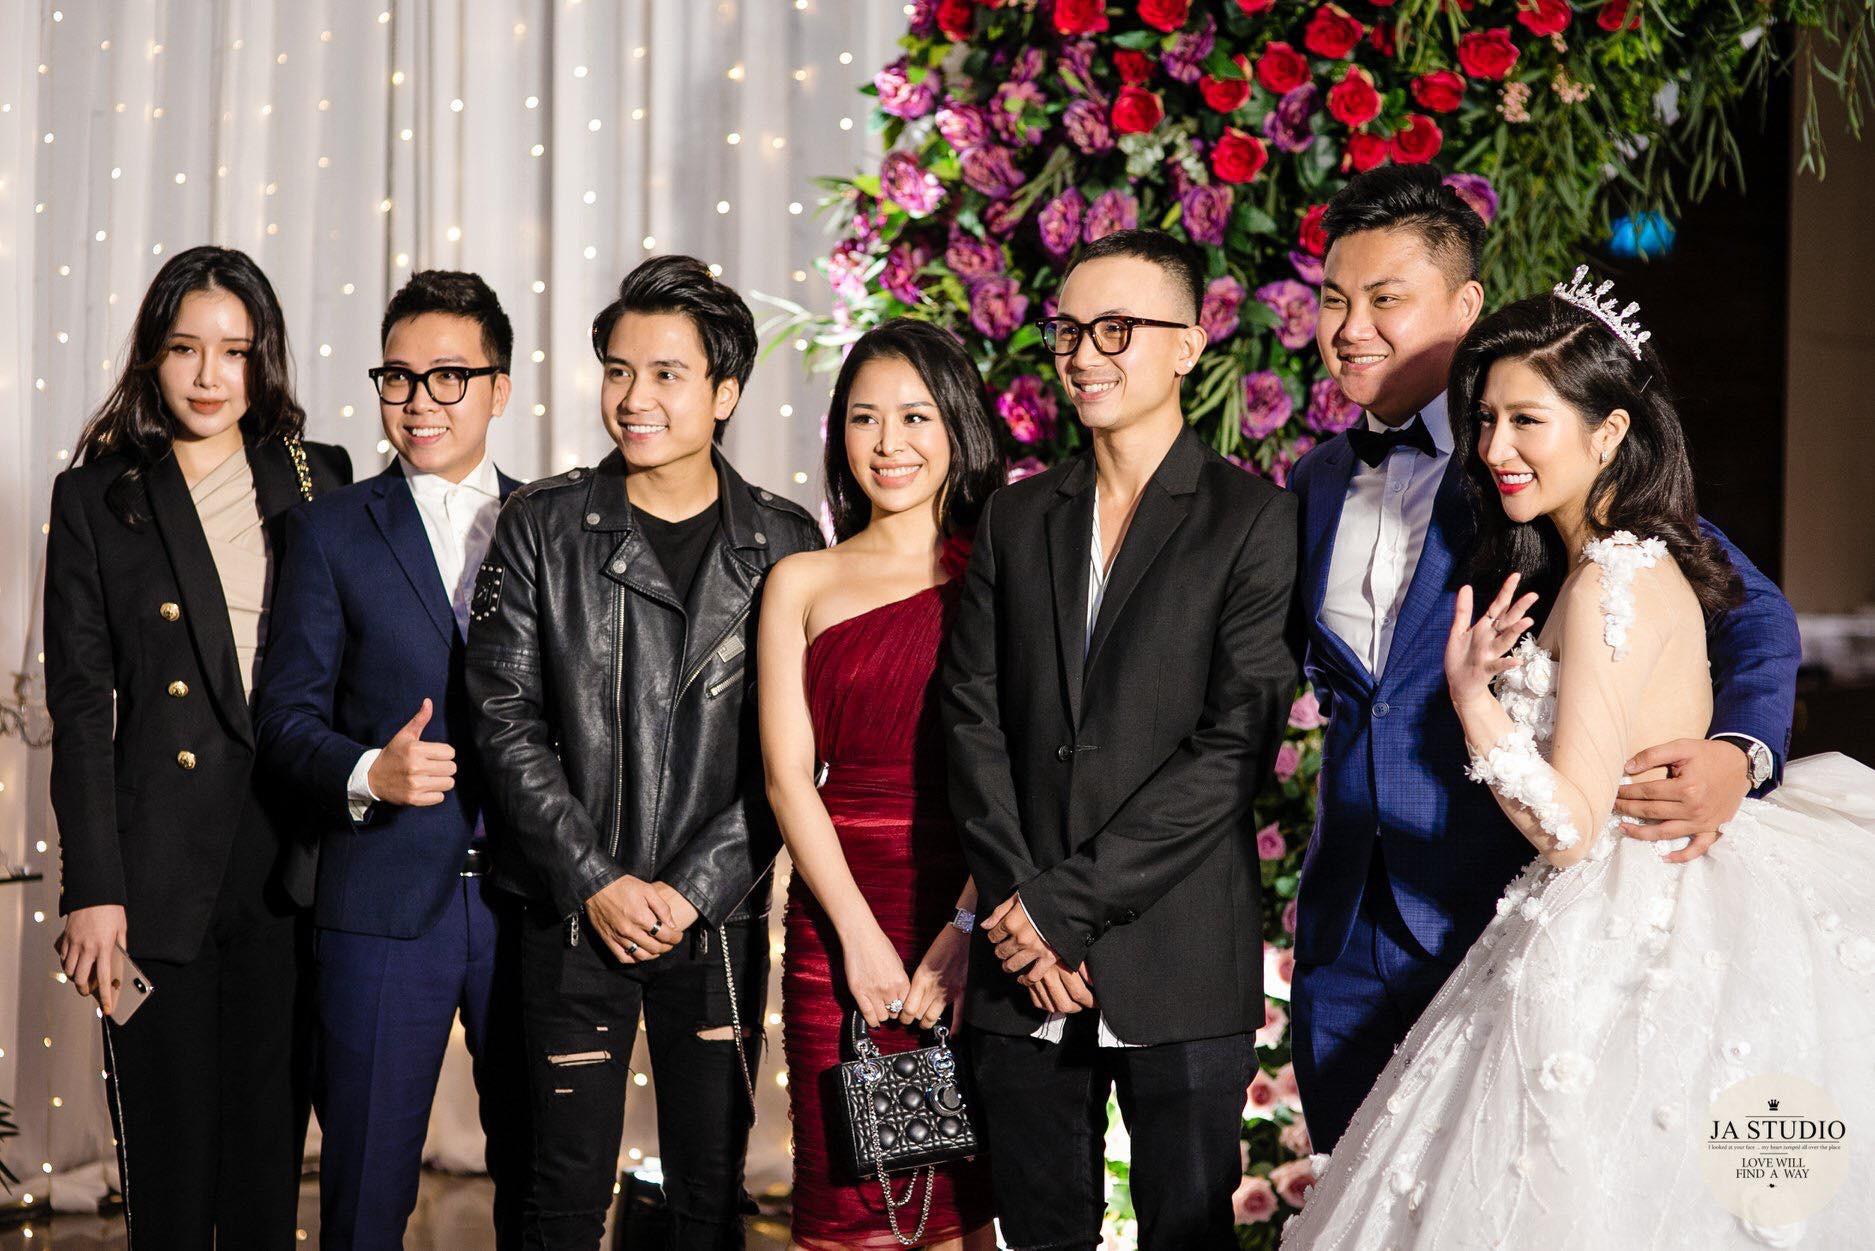 Chùm ảnh: Vân Navy hạnh phúc rưng rưng trong đám cưới với bạn trai doanh nhân - Ảnh 7.